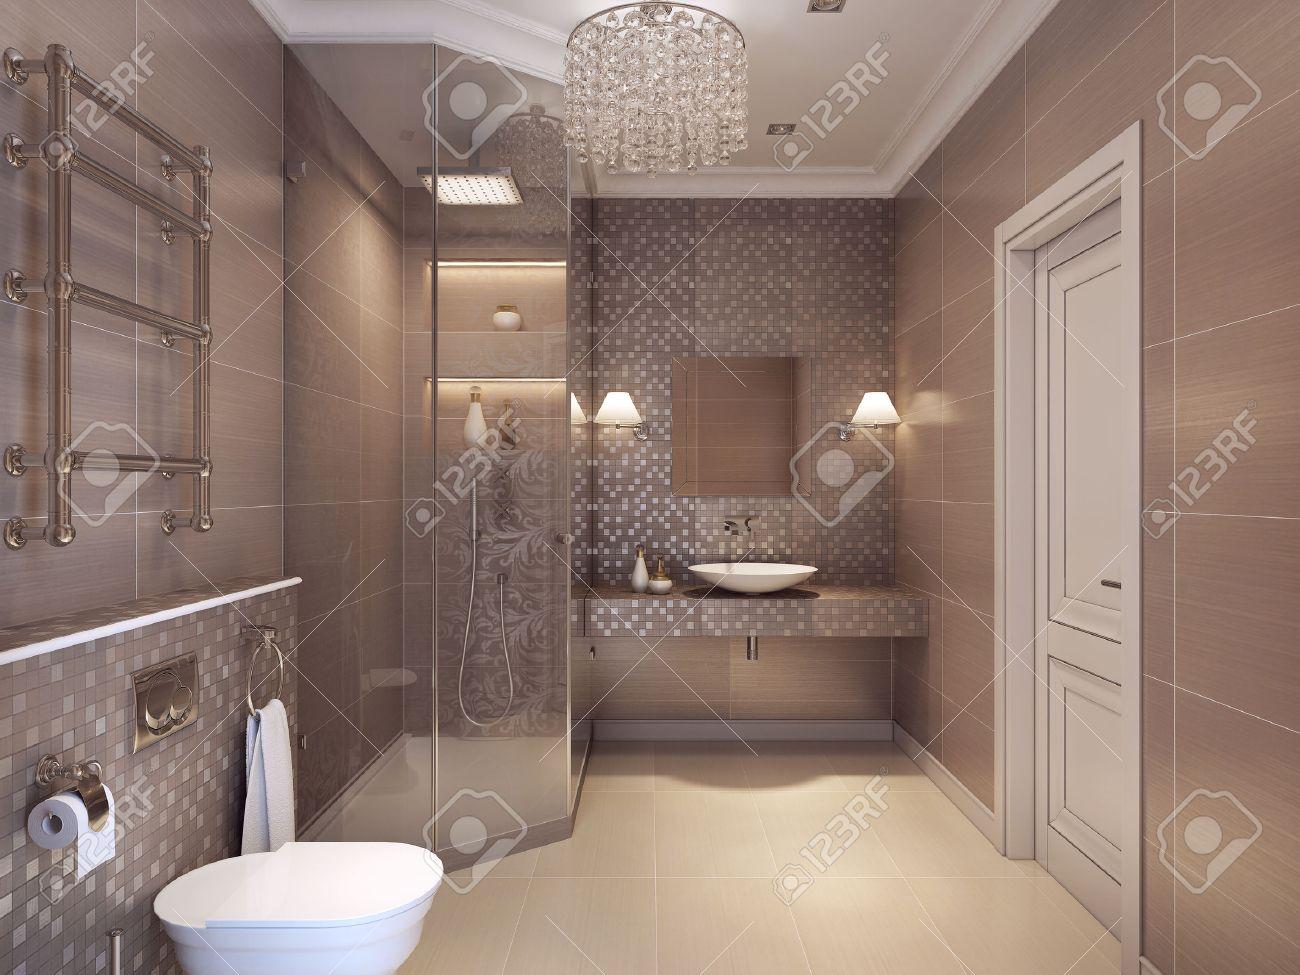 Salle de bains moderne dans le style art déco. Douche, WC et lavabo  Konsoles. Rendu 3D.